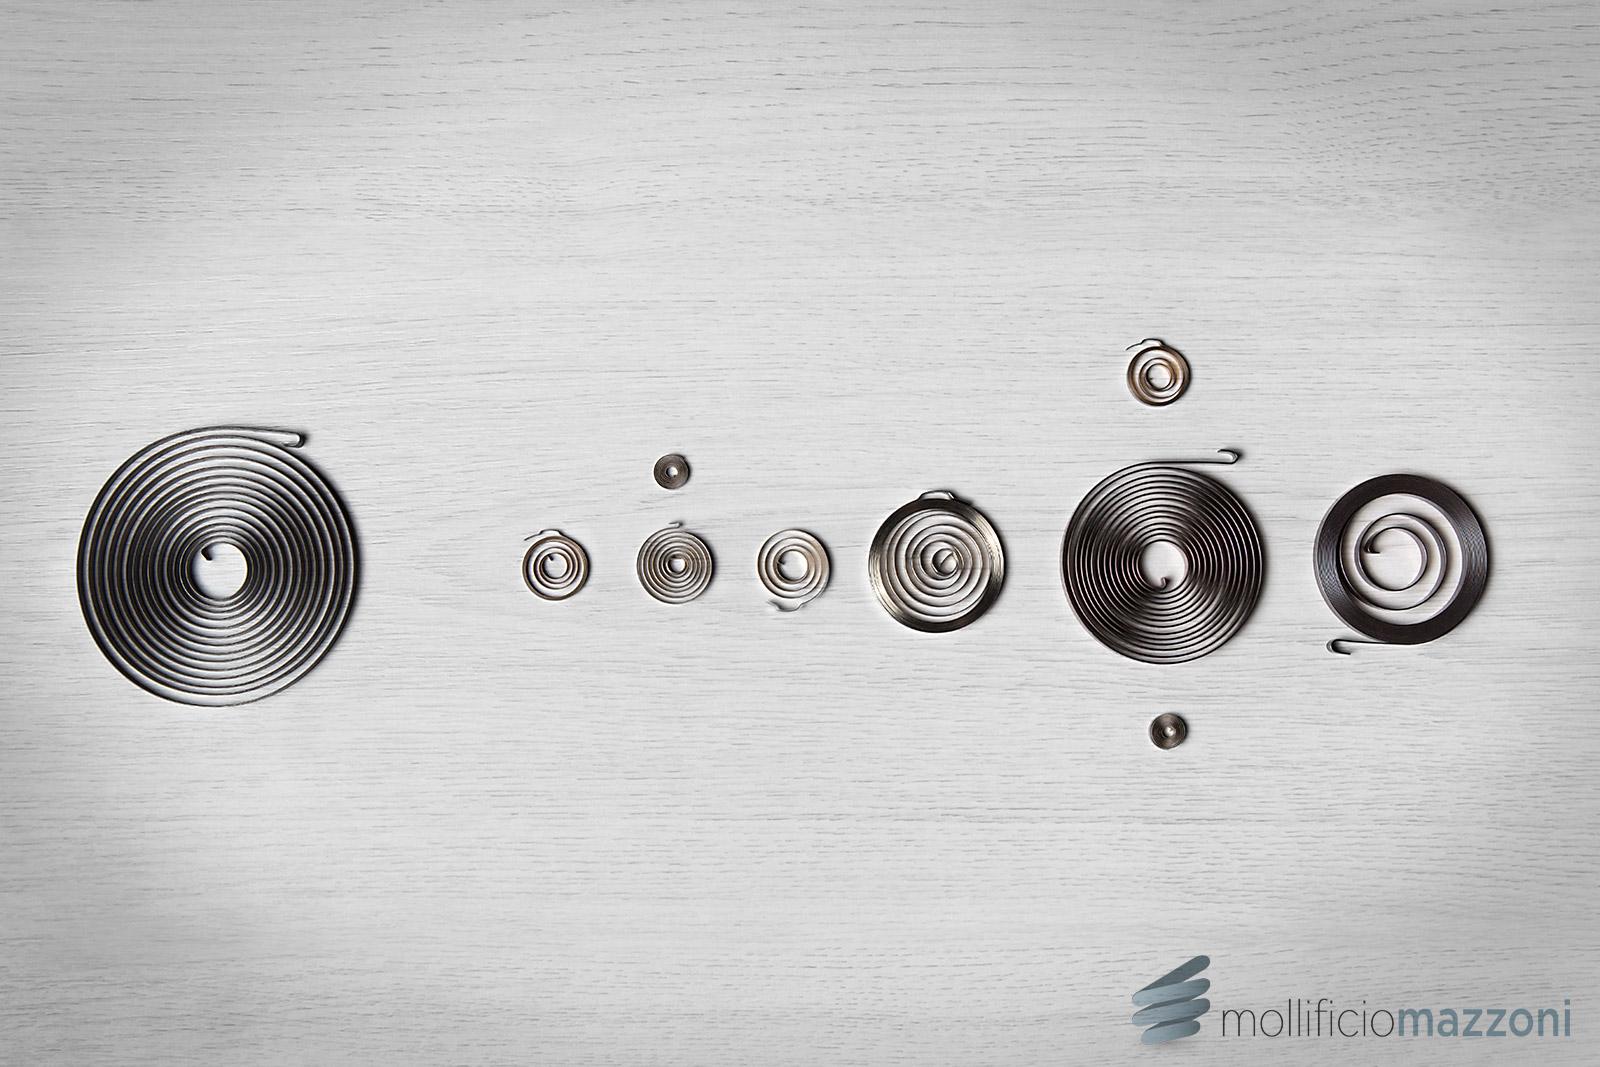 mollificio-mazzoni-molle-spirale-03